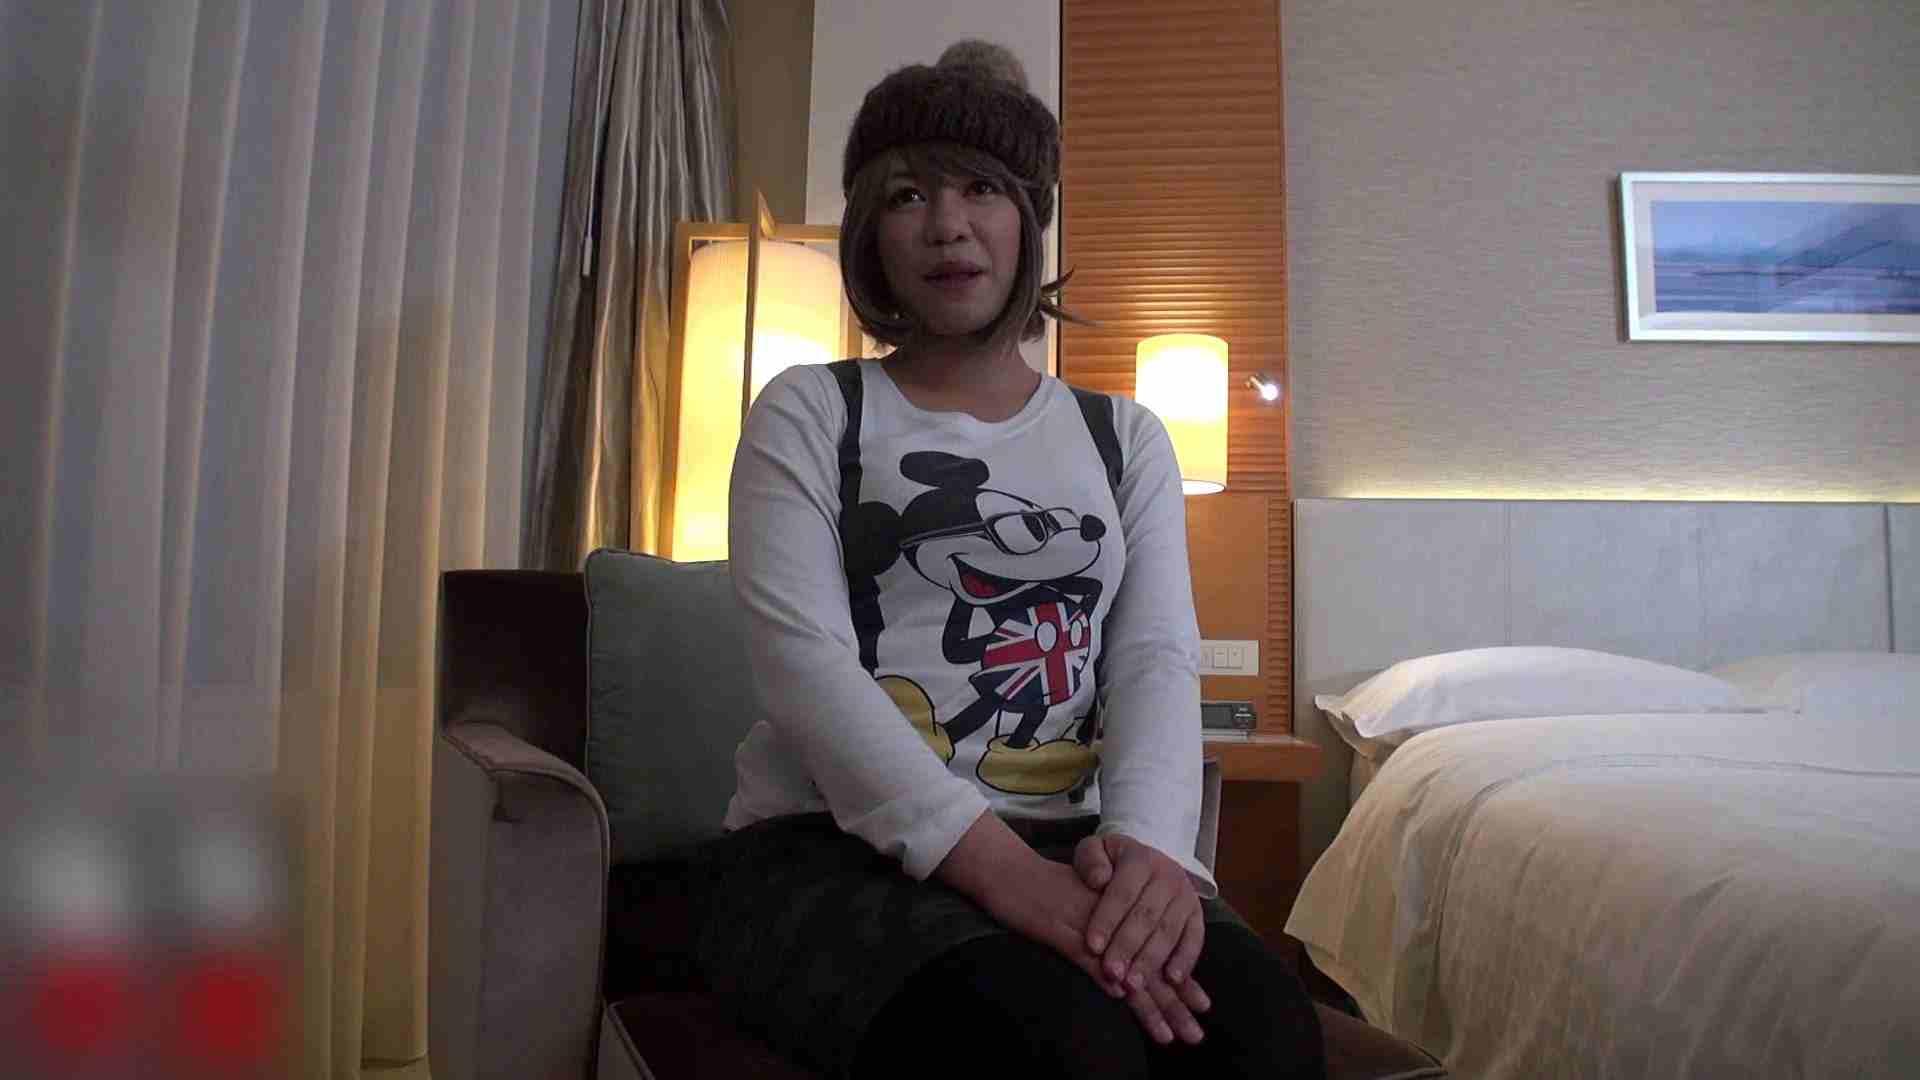 S級厳選美女ビッチガールVol.42 前編 美女OL のぞき動画画像 45連発 22